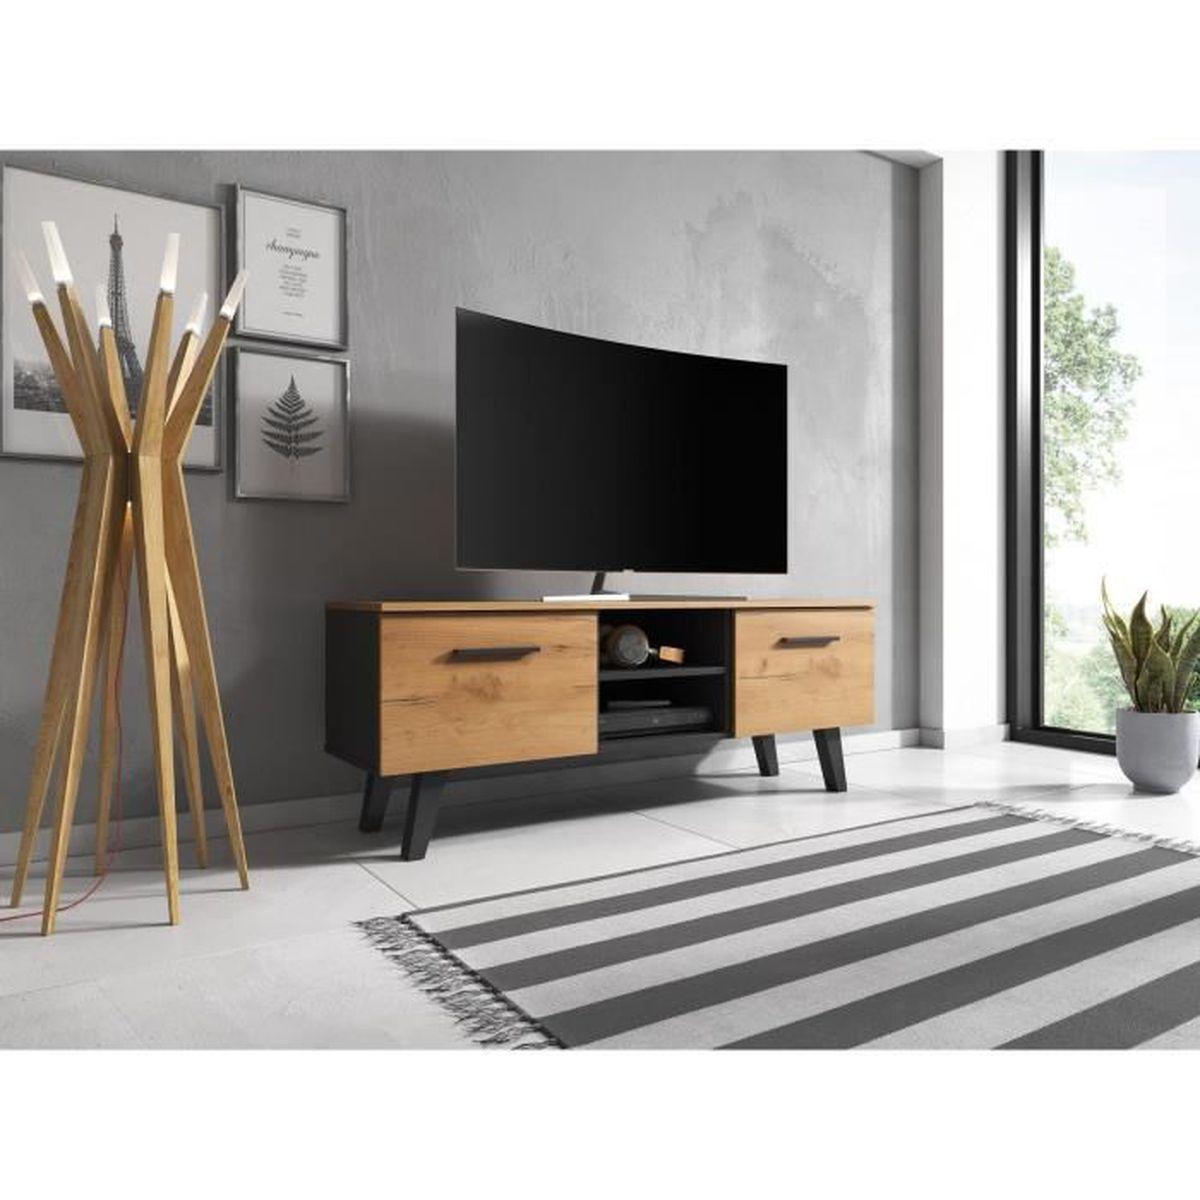 Meuble Tv Grande Taille vivaldi meuble tv - nord - 140 cm - noir / kraft or - style